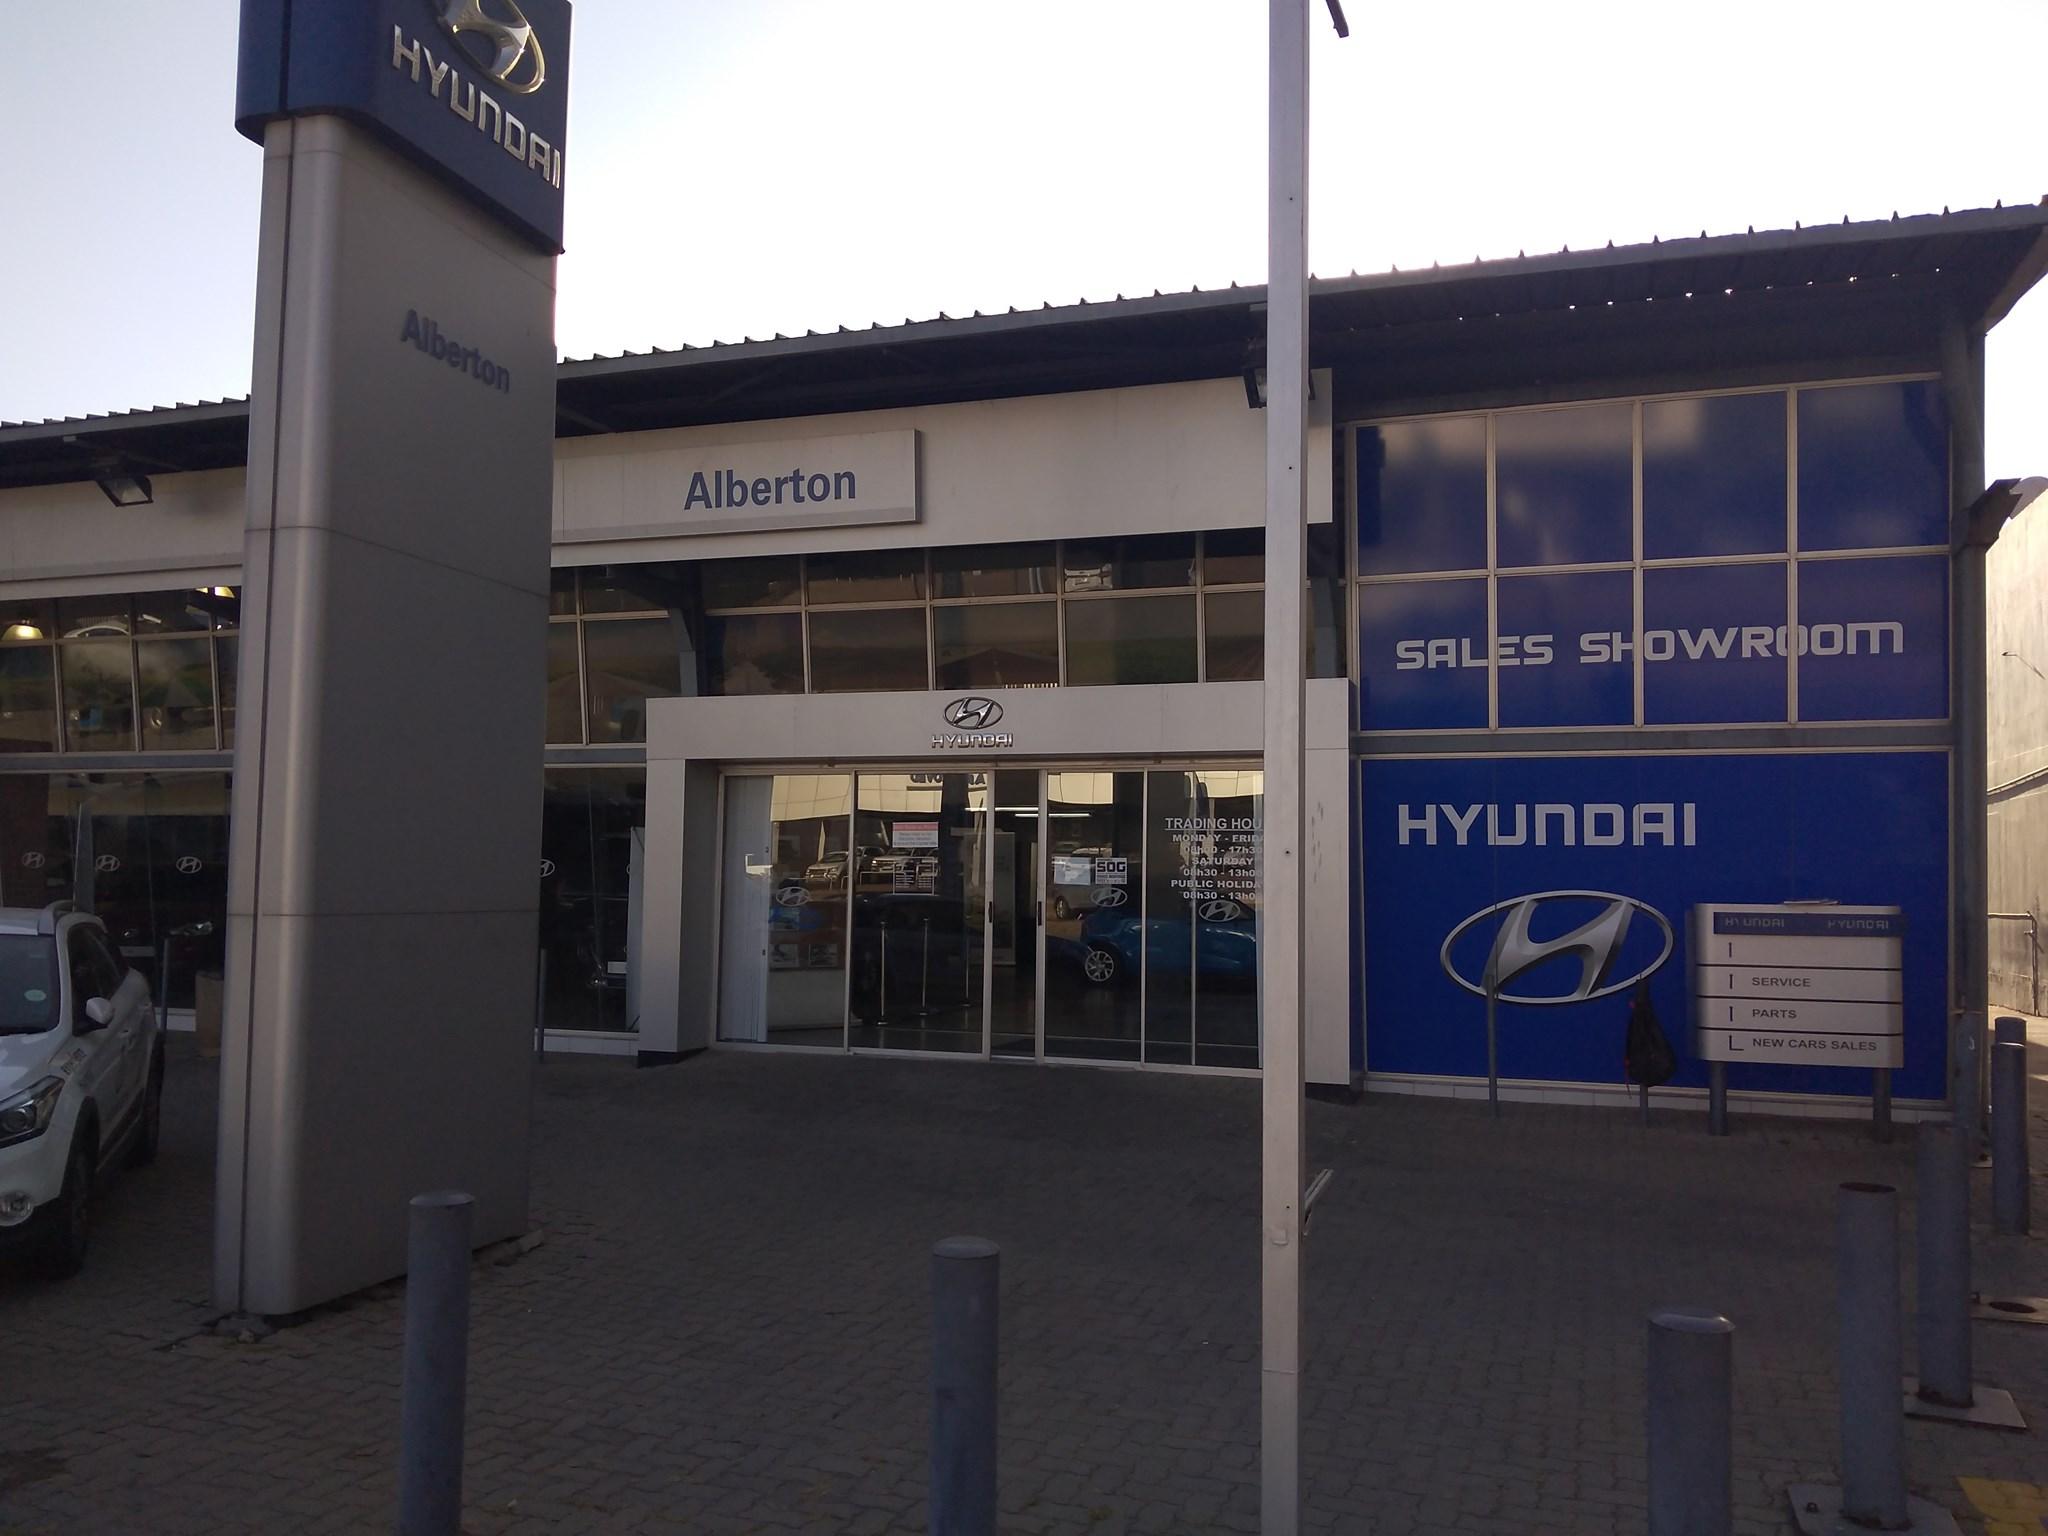 Hyundai Alberton dealer image0